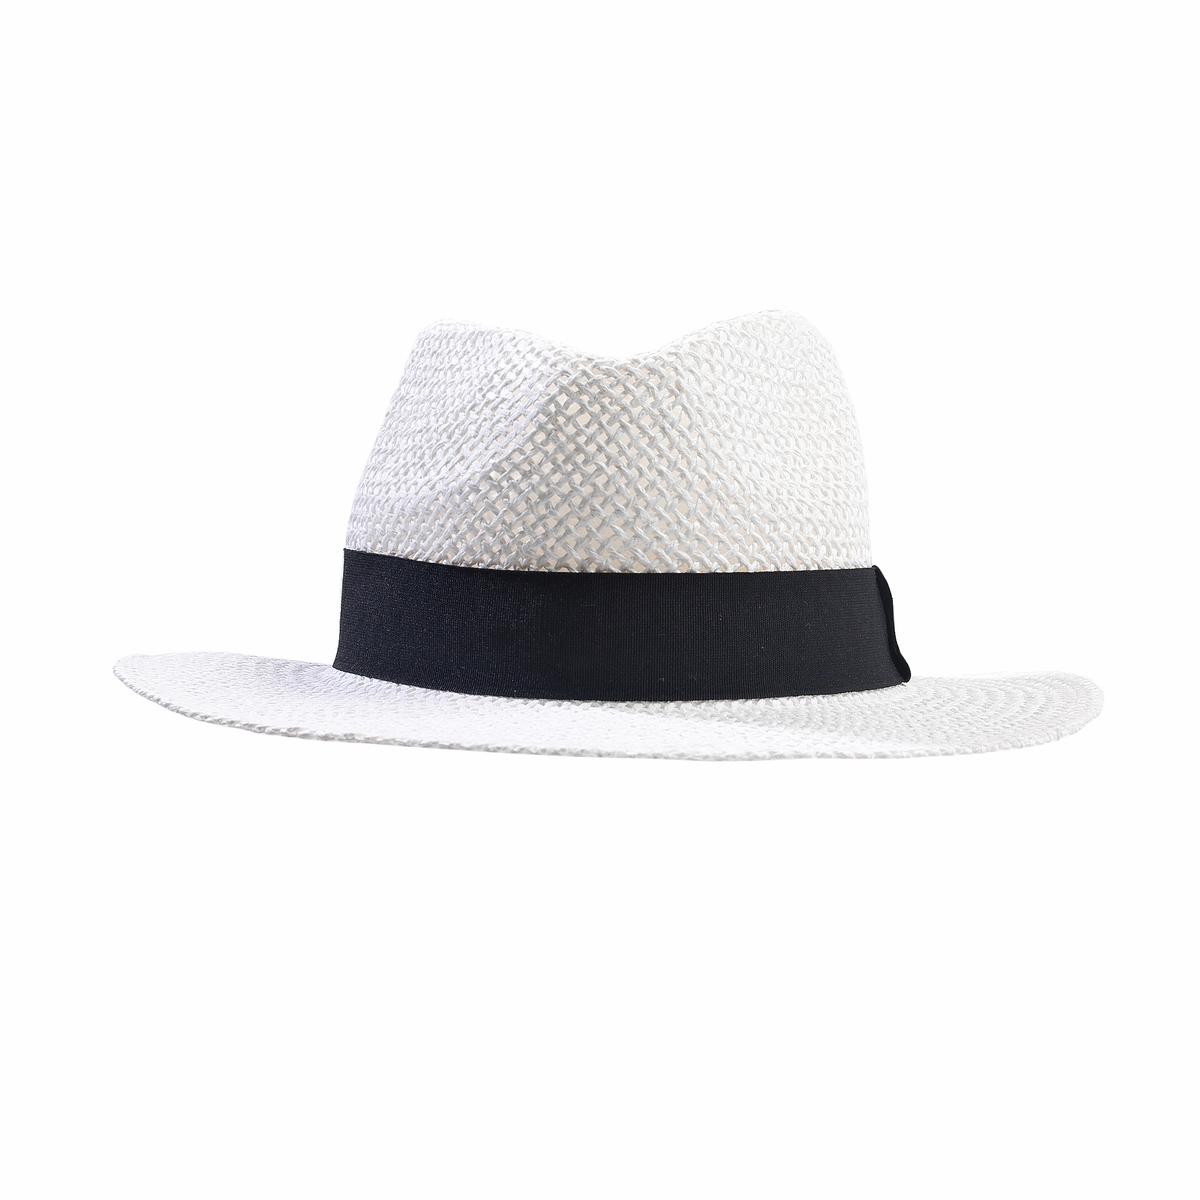 Шляпа соломенная, FedoraСоломенная шляпа с высокой тульей, Atelier R.Высокая тулья  шляпы, отделанной галуном, : делает ее незаменимой  для стильного лета ! Состав и описание :Материал : 100% соломыМарка : Atelier R.Размеры  : окружность головы 56 смОтделка галуном .<br><br>Цвет: белый<br>Размер: единый размер